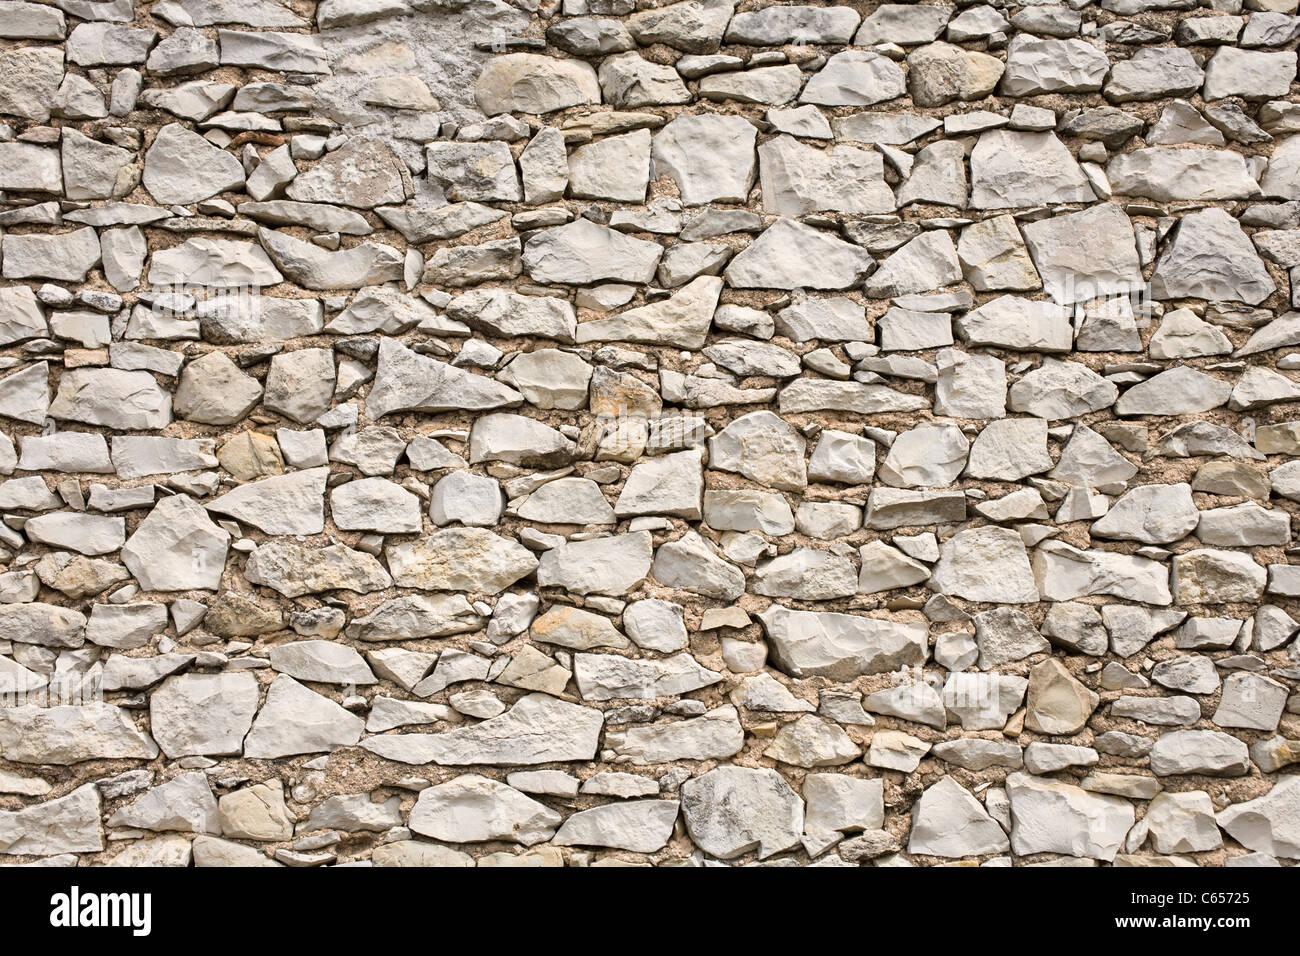 un mur de pierre blanche dans un village de provence banque d 39 images photo stock 38223981 alamy. Black Bedroom Furniture Sets. Home Design Ideas